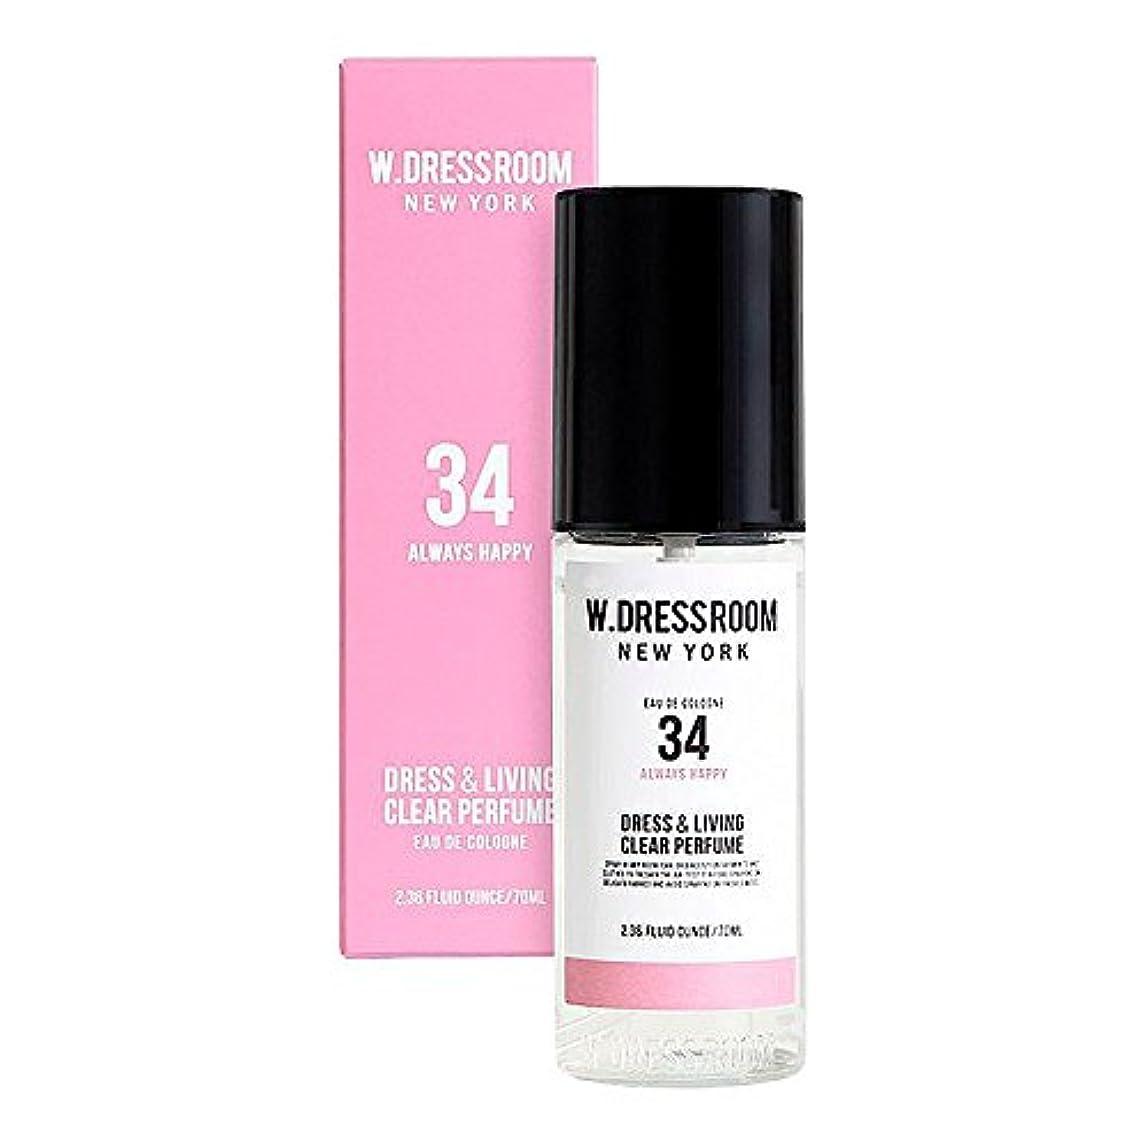 オーバーラン委任レモンW.DRESSROOM Dress & Living Clear Perfume fragrance 70ml (#No.34 Always Happy)/ダブルドレスルーム ドレス&リビング クリア パフューム 70ml...